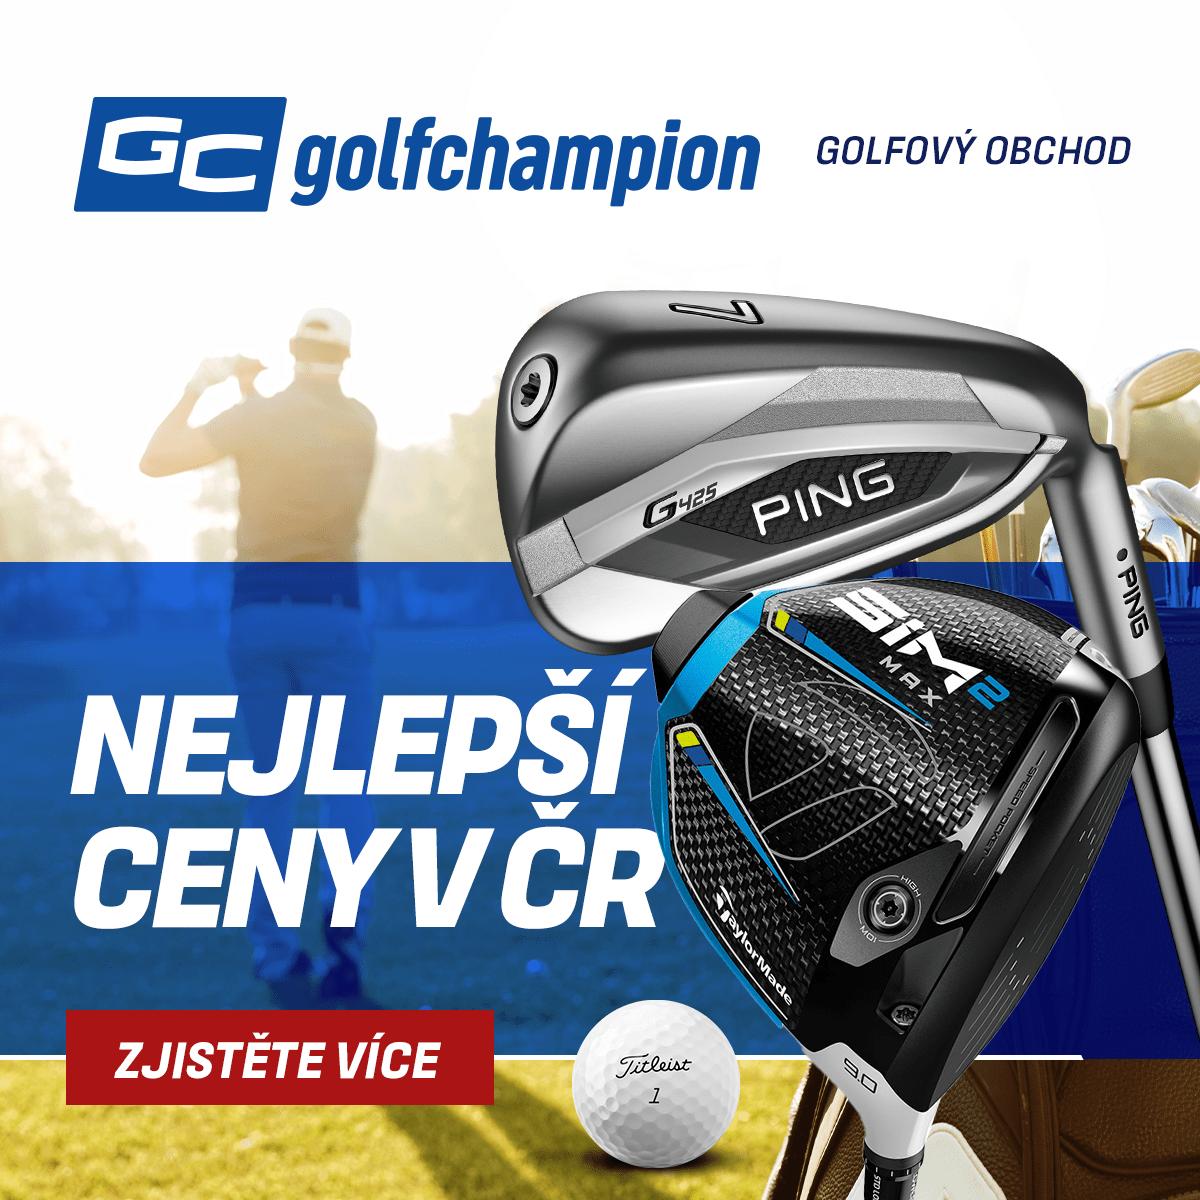 Obleceni na golf z golfchampion.cz